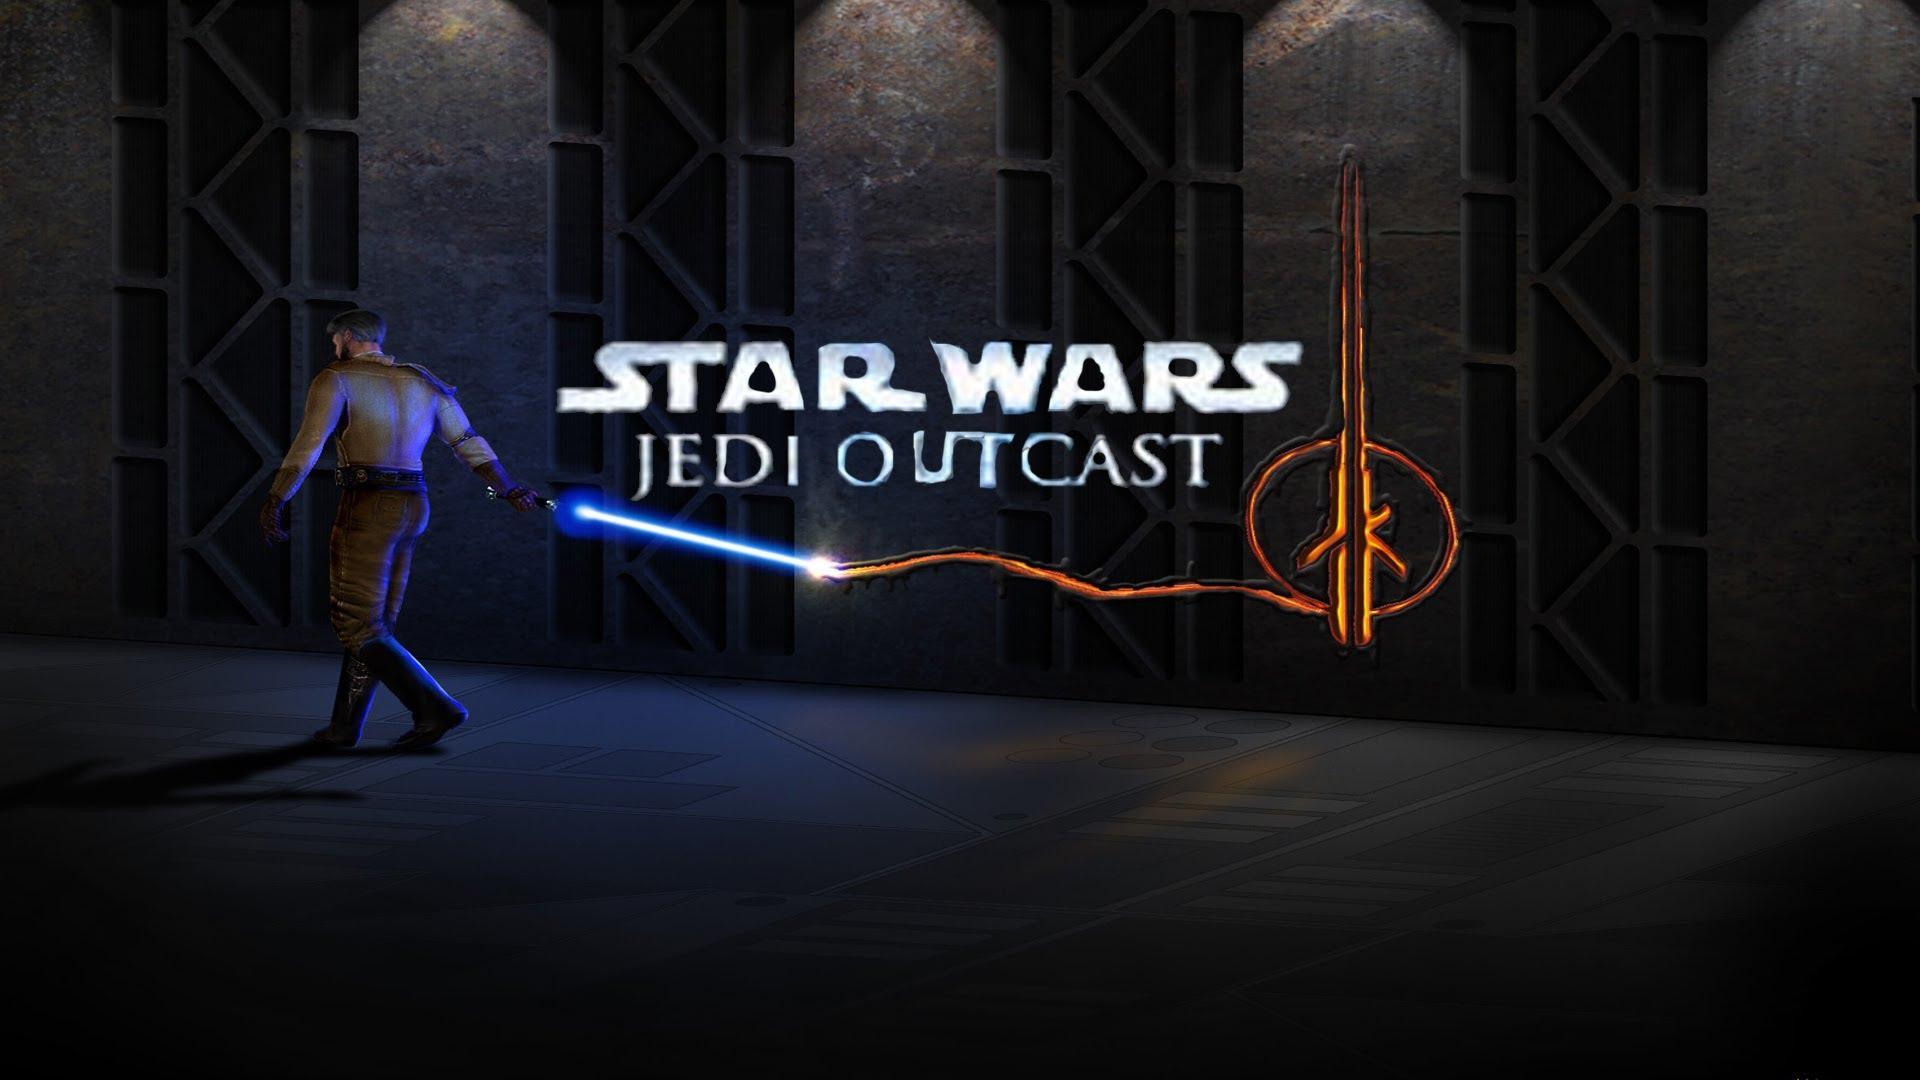 Star Wars Jedi Knight Ii Jedi Outcast Wallpapers Wallpaper Cave